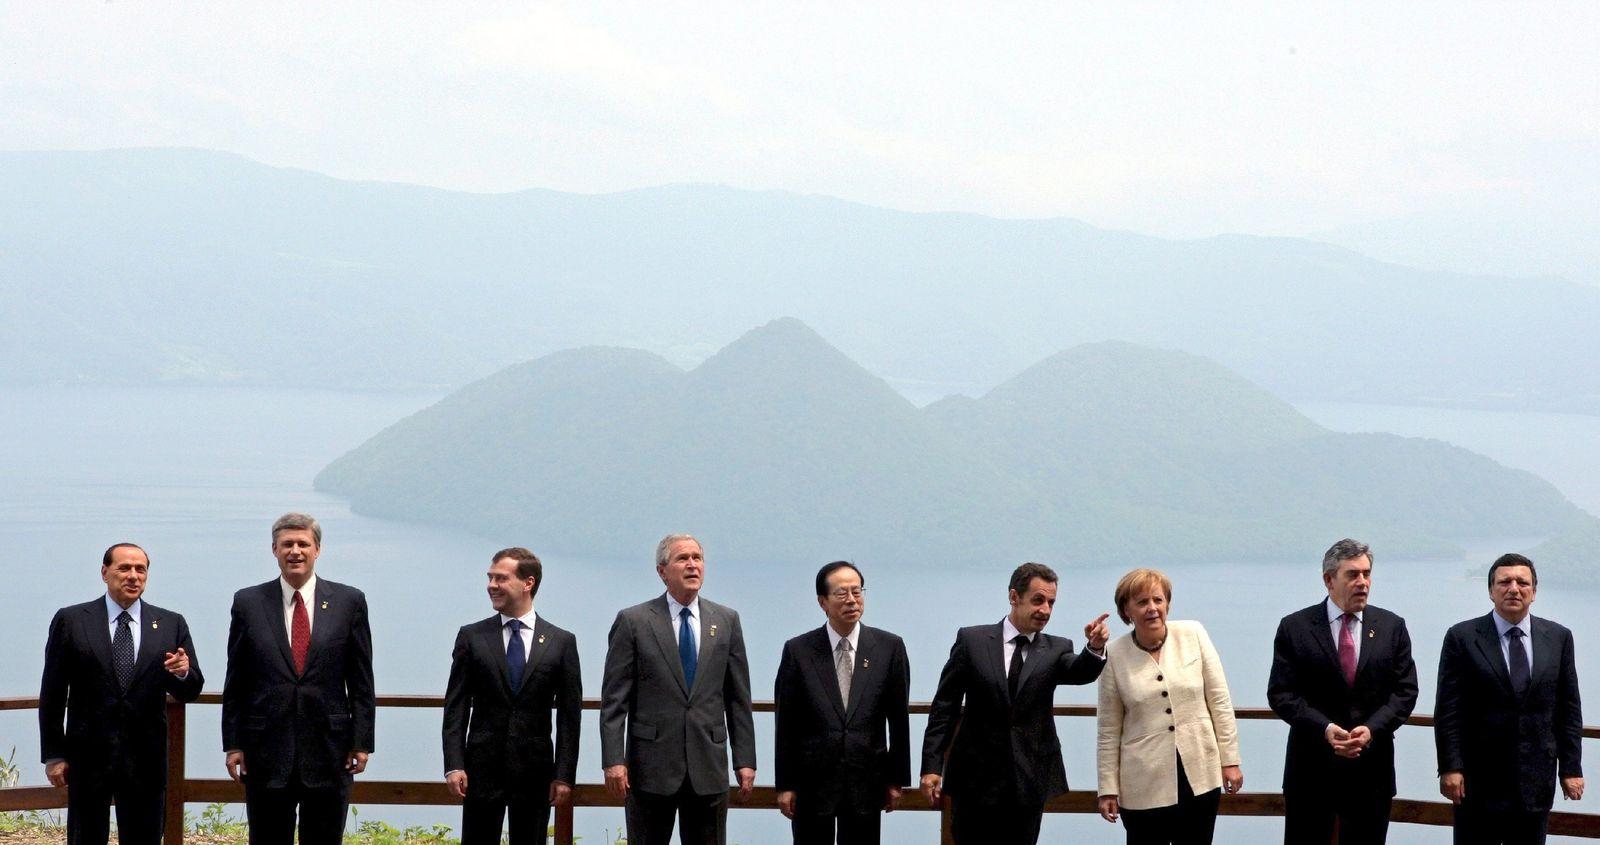 G8 Gipfel - Gruppenfoto